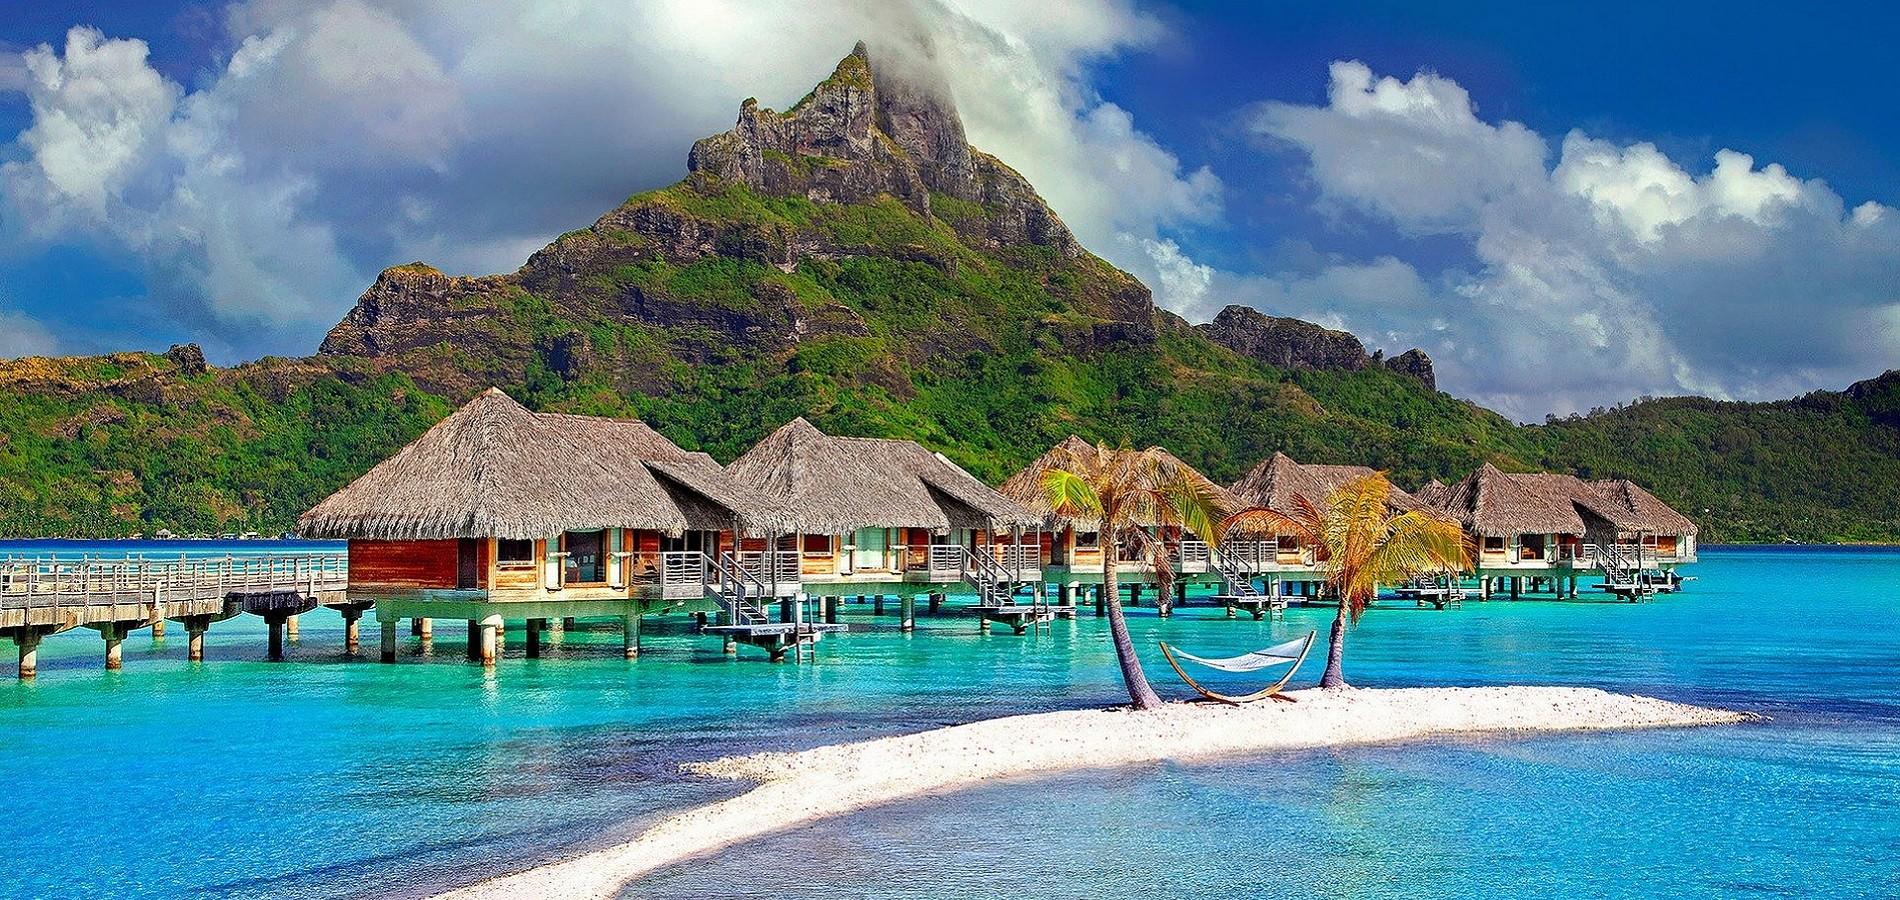 Putovanje Bora Bora - doživite jedinstveni raj na dalekom putovanju u bungalovima na plaži